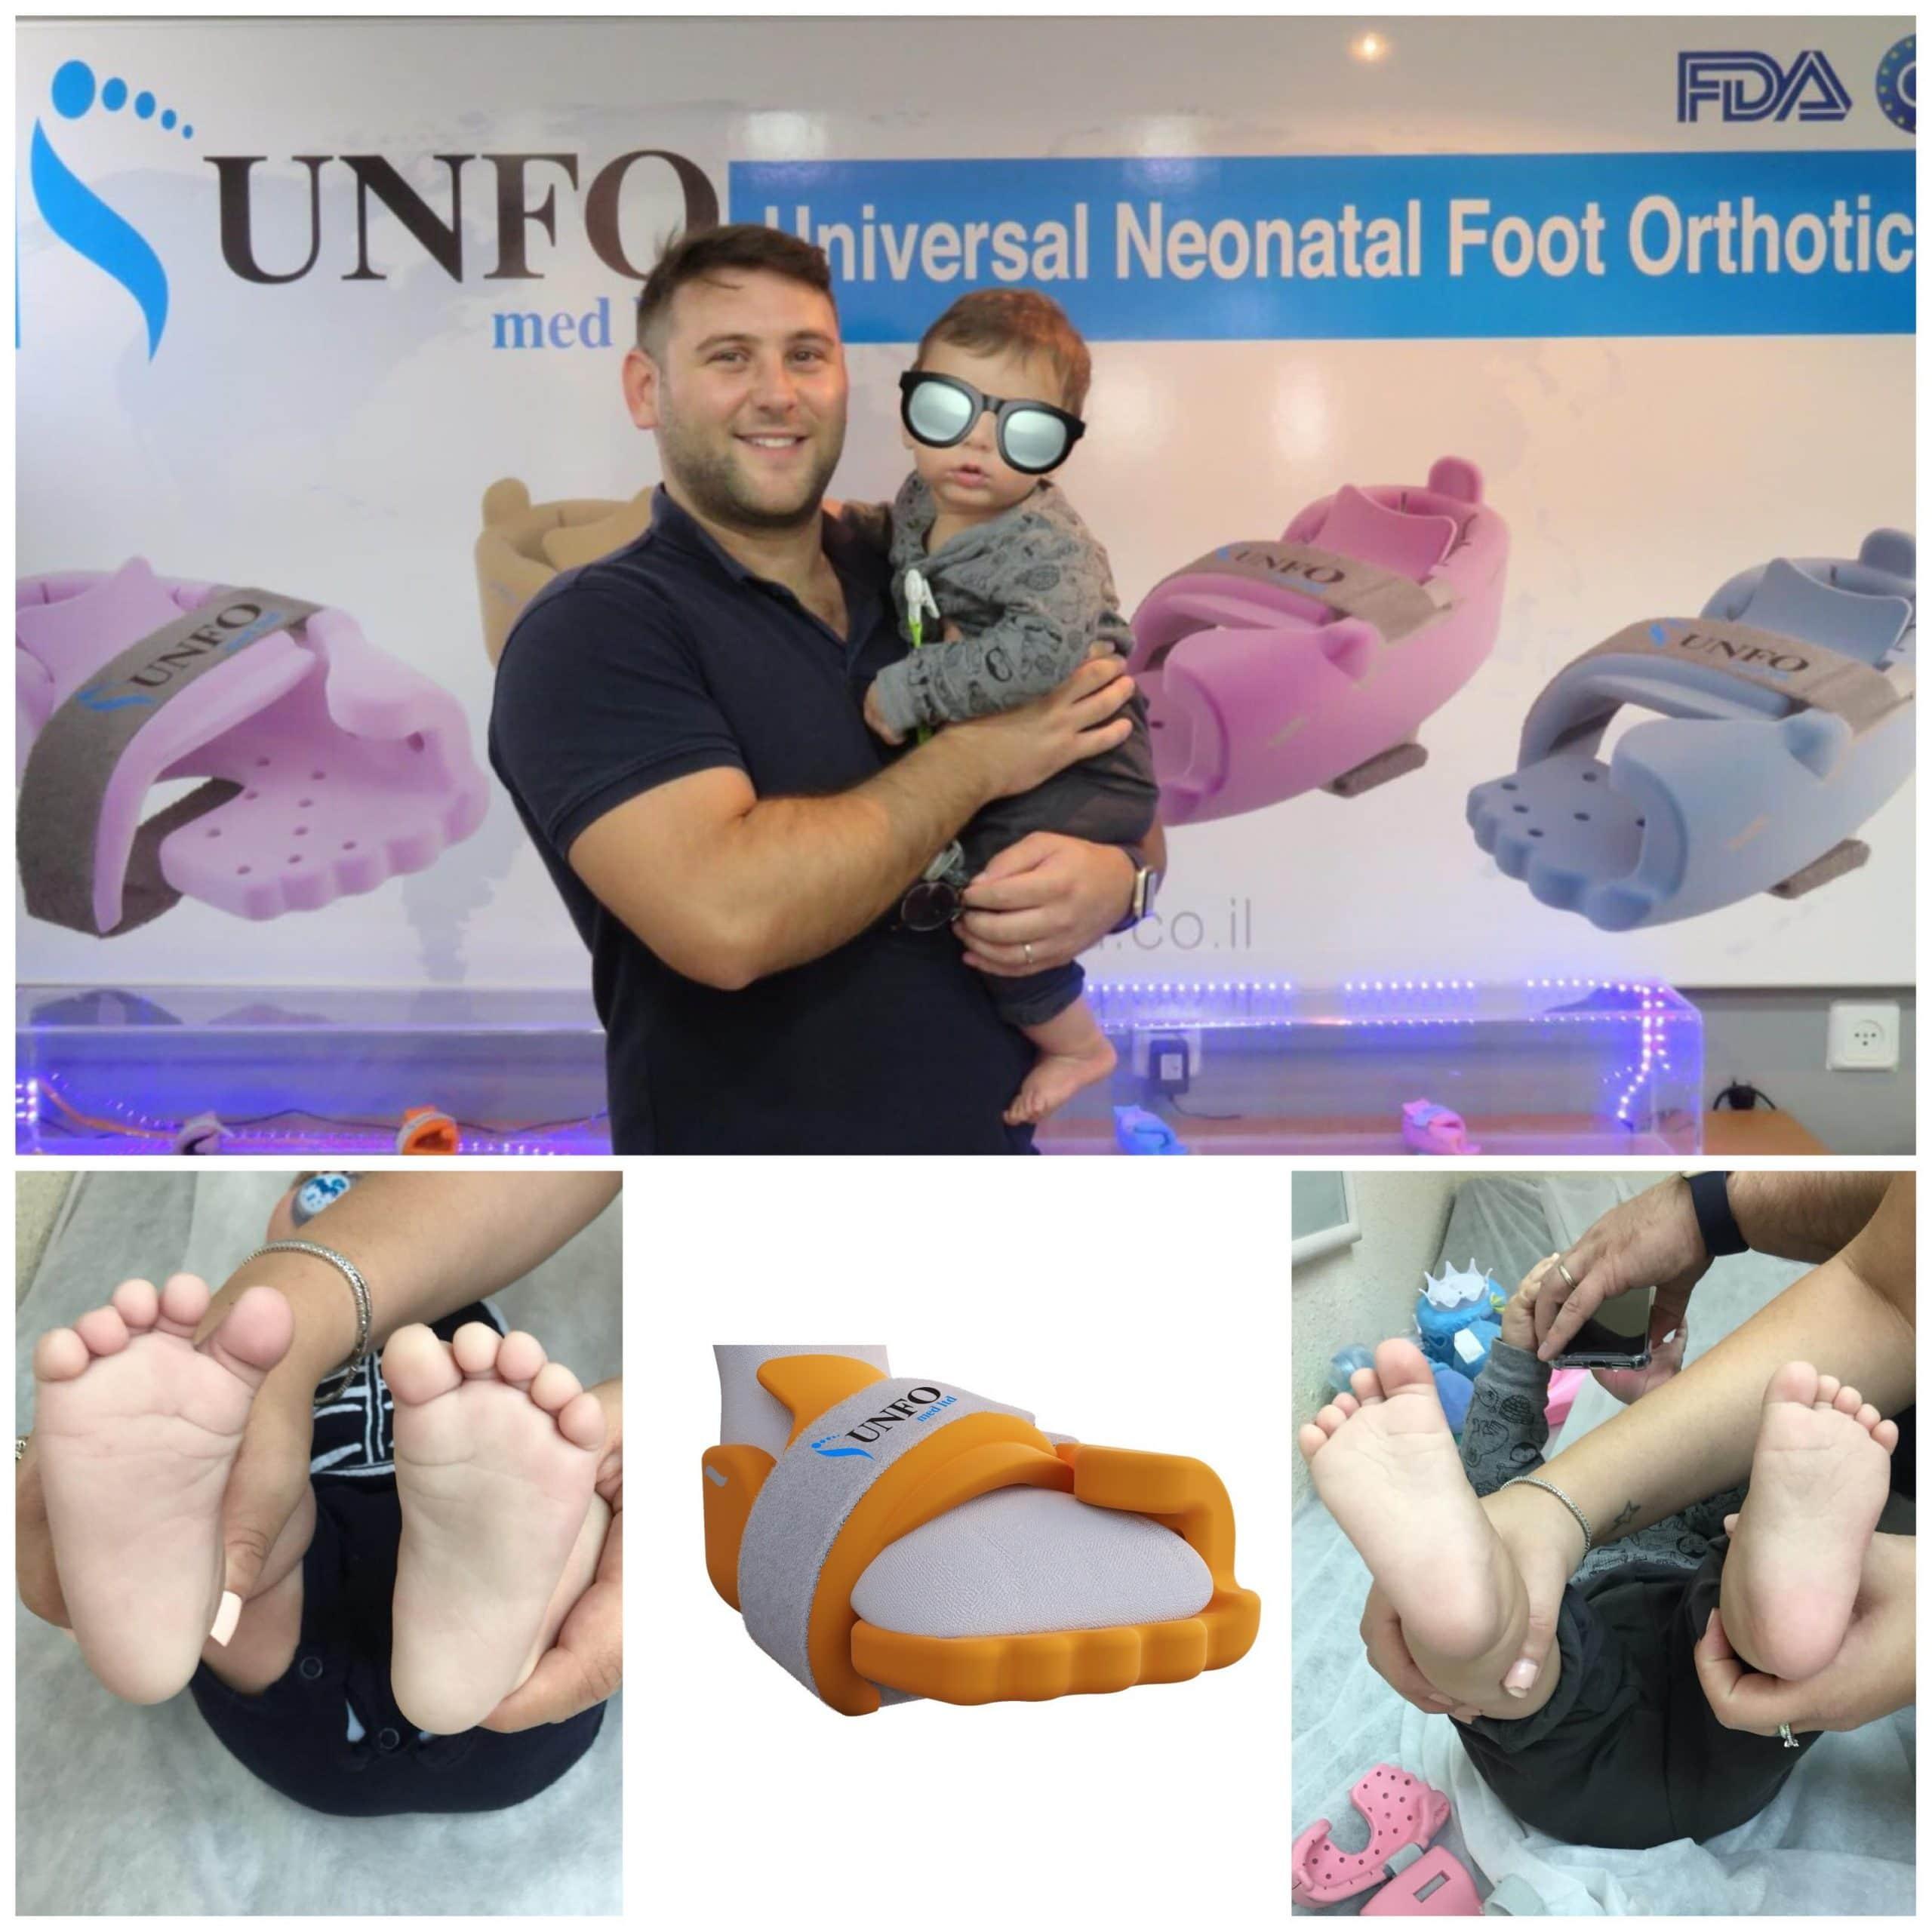 metatarsus adductus shoes